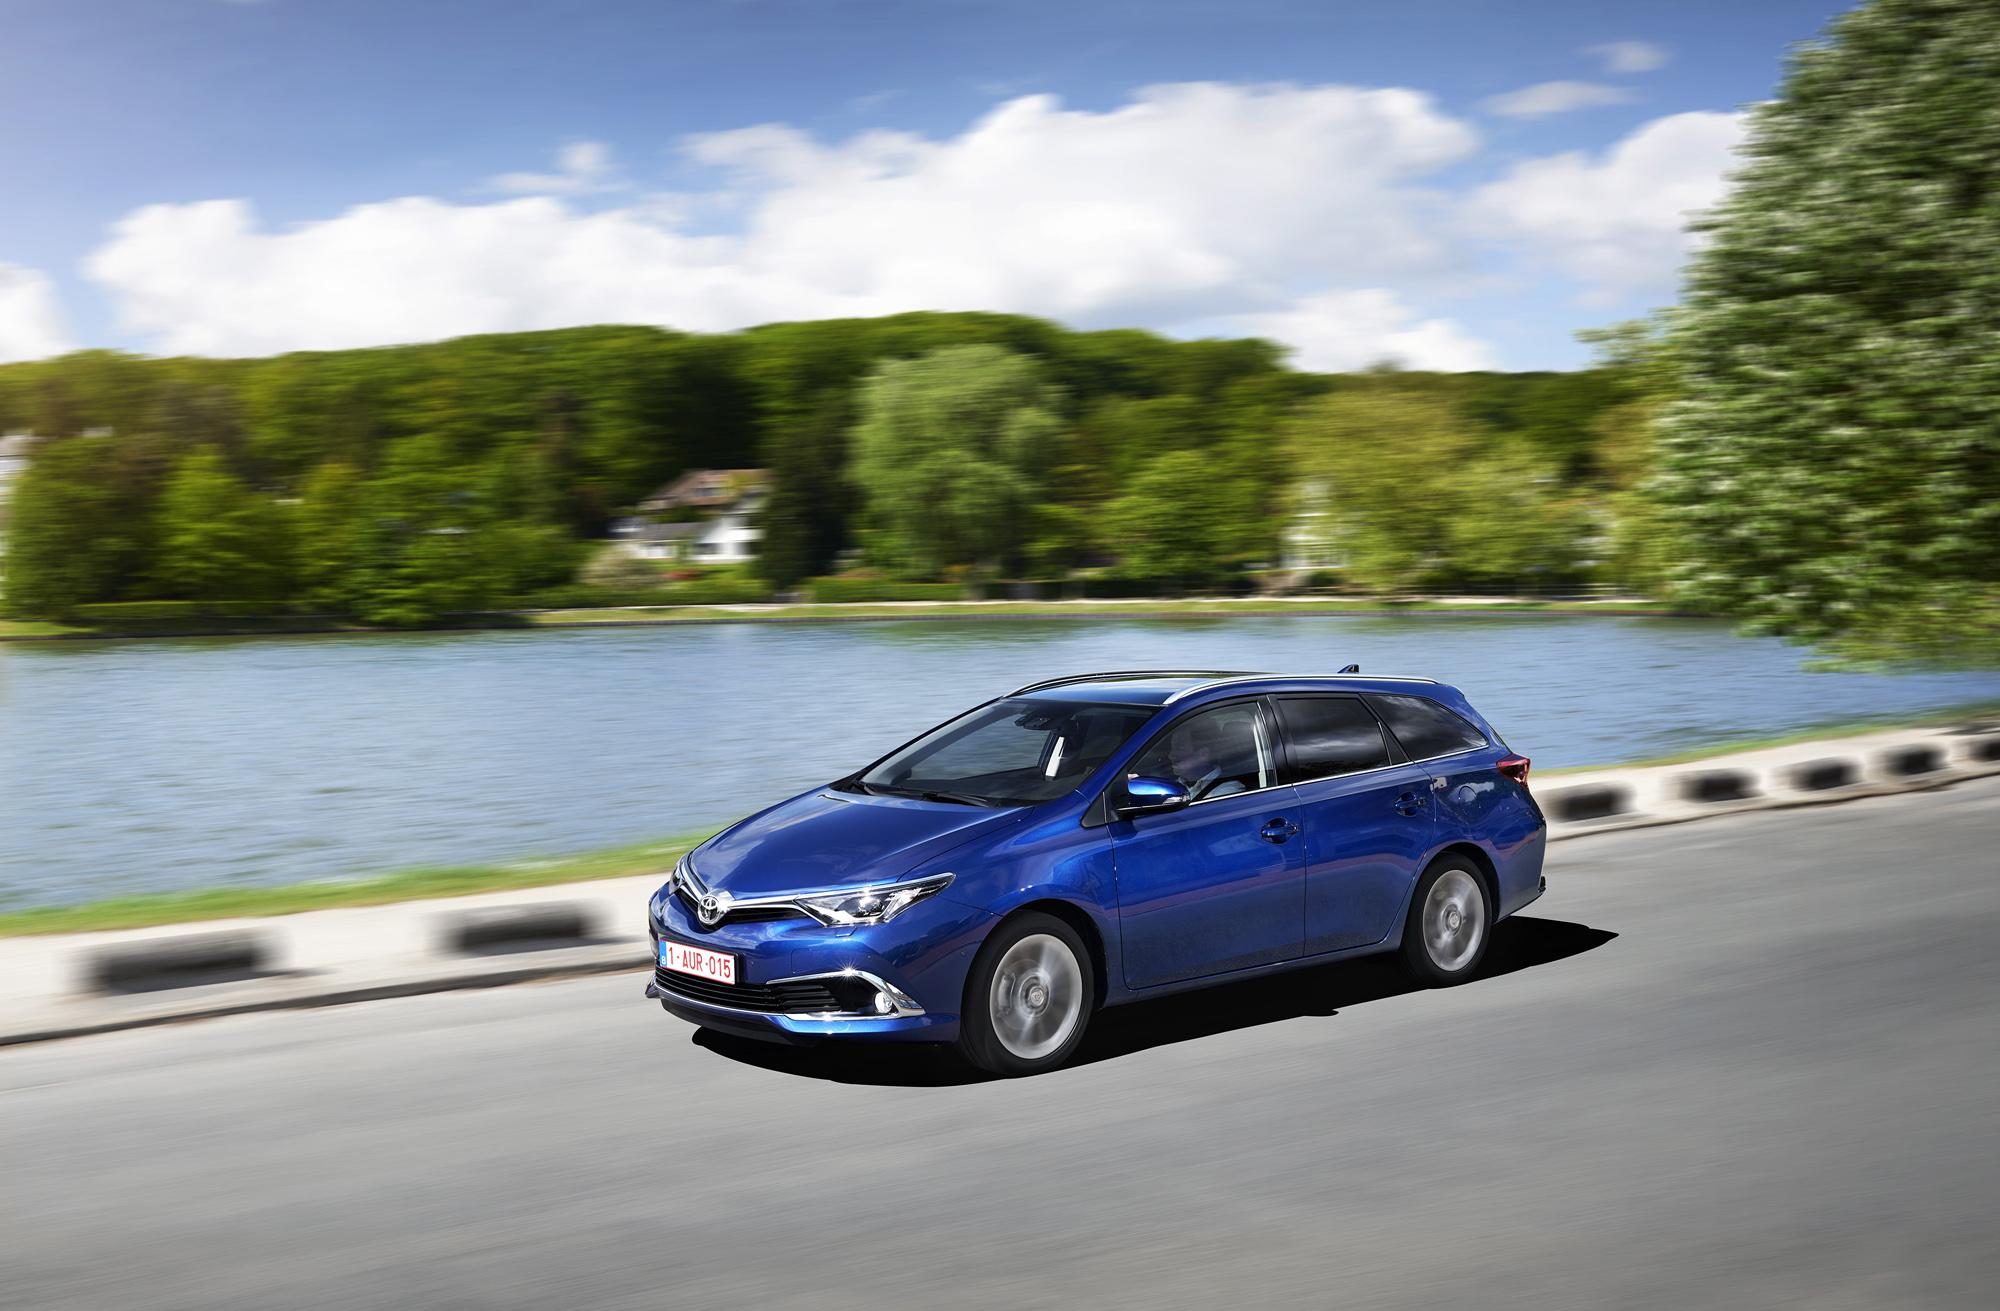 Yeni Toyota Auris, daha uzun ve daha hafif. yeni tasarımı ile 2015 Auris Temmuz'da satışa başlayacak